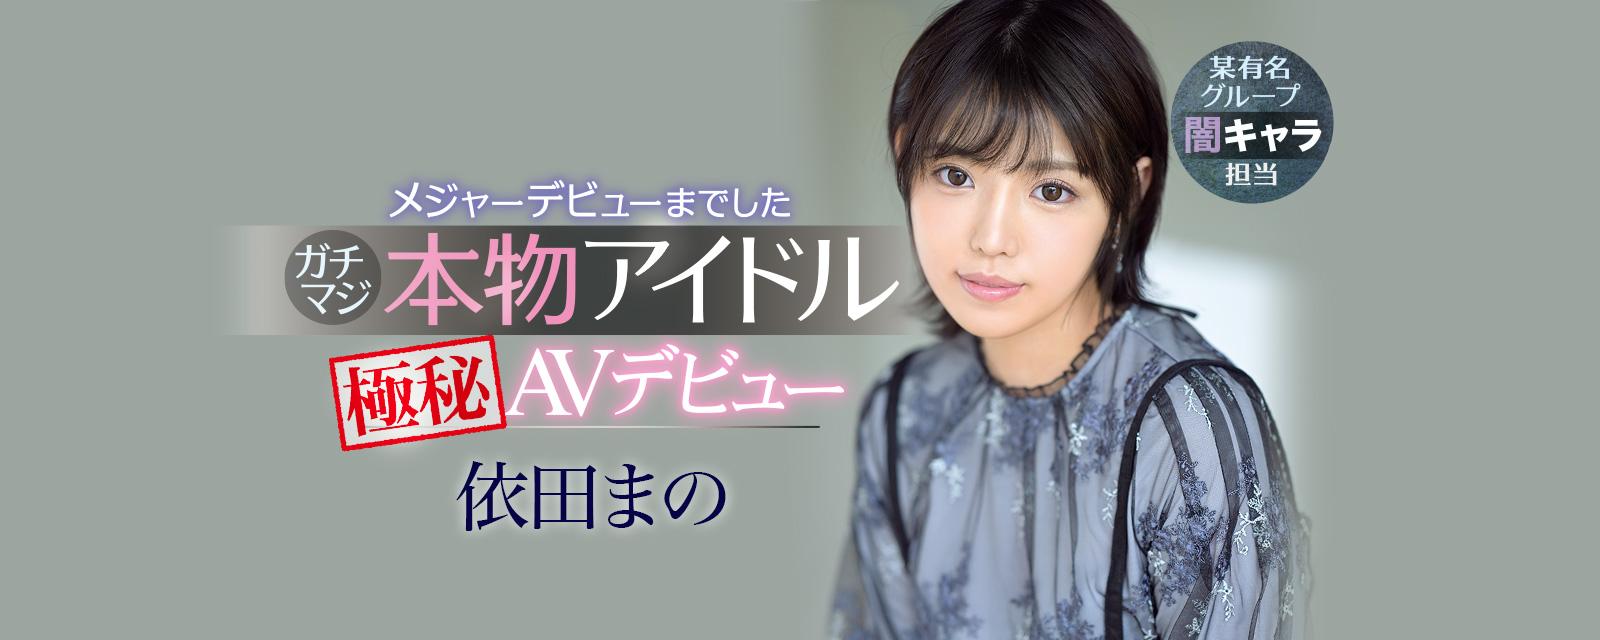 依田まの トップ画像